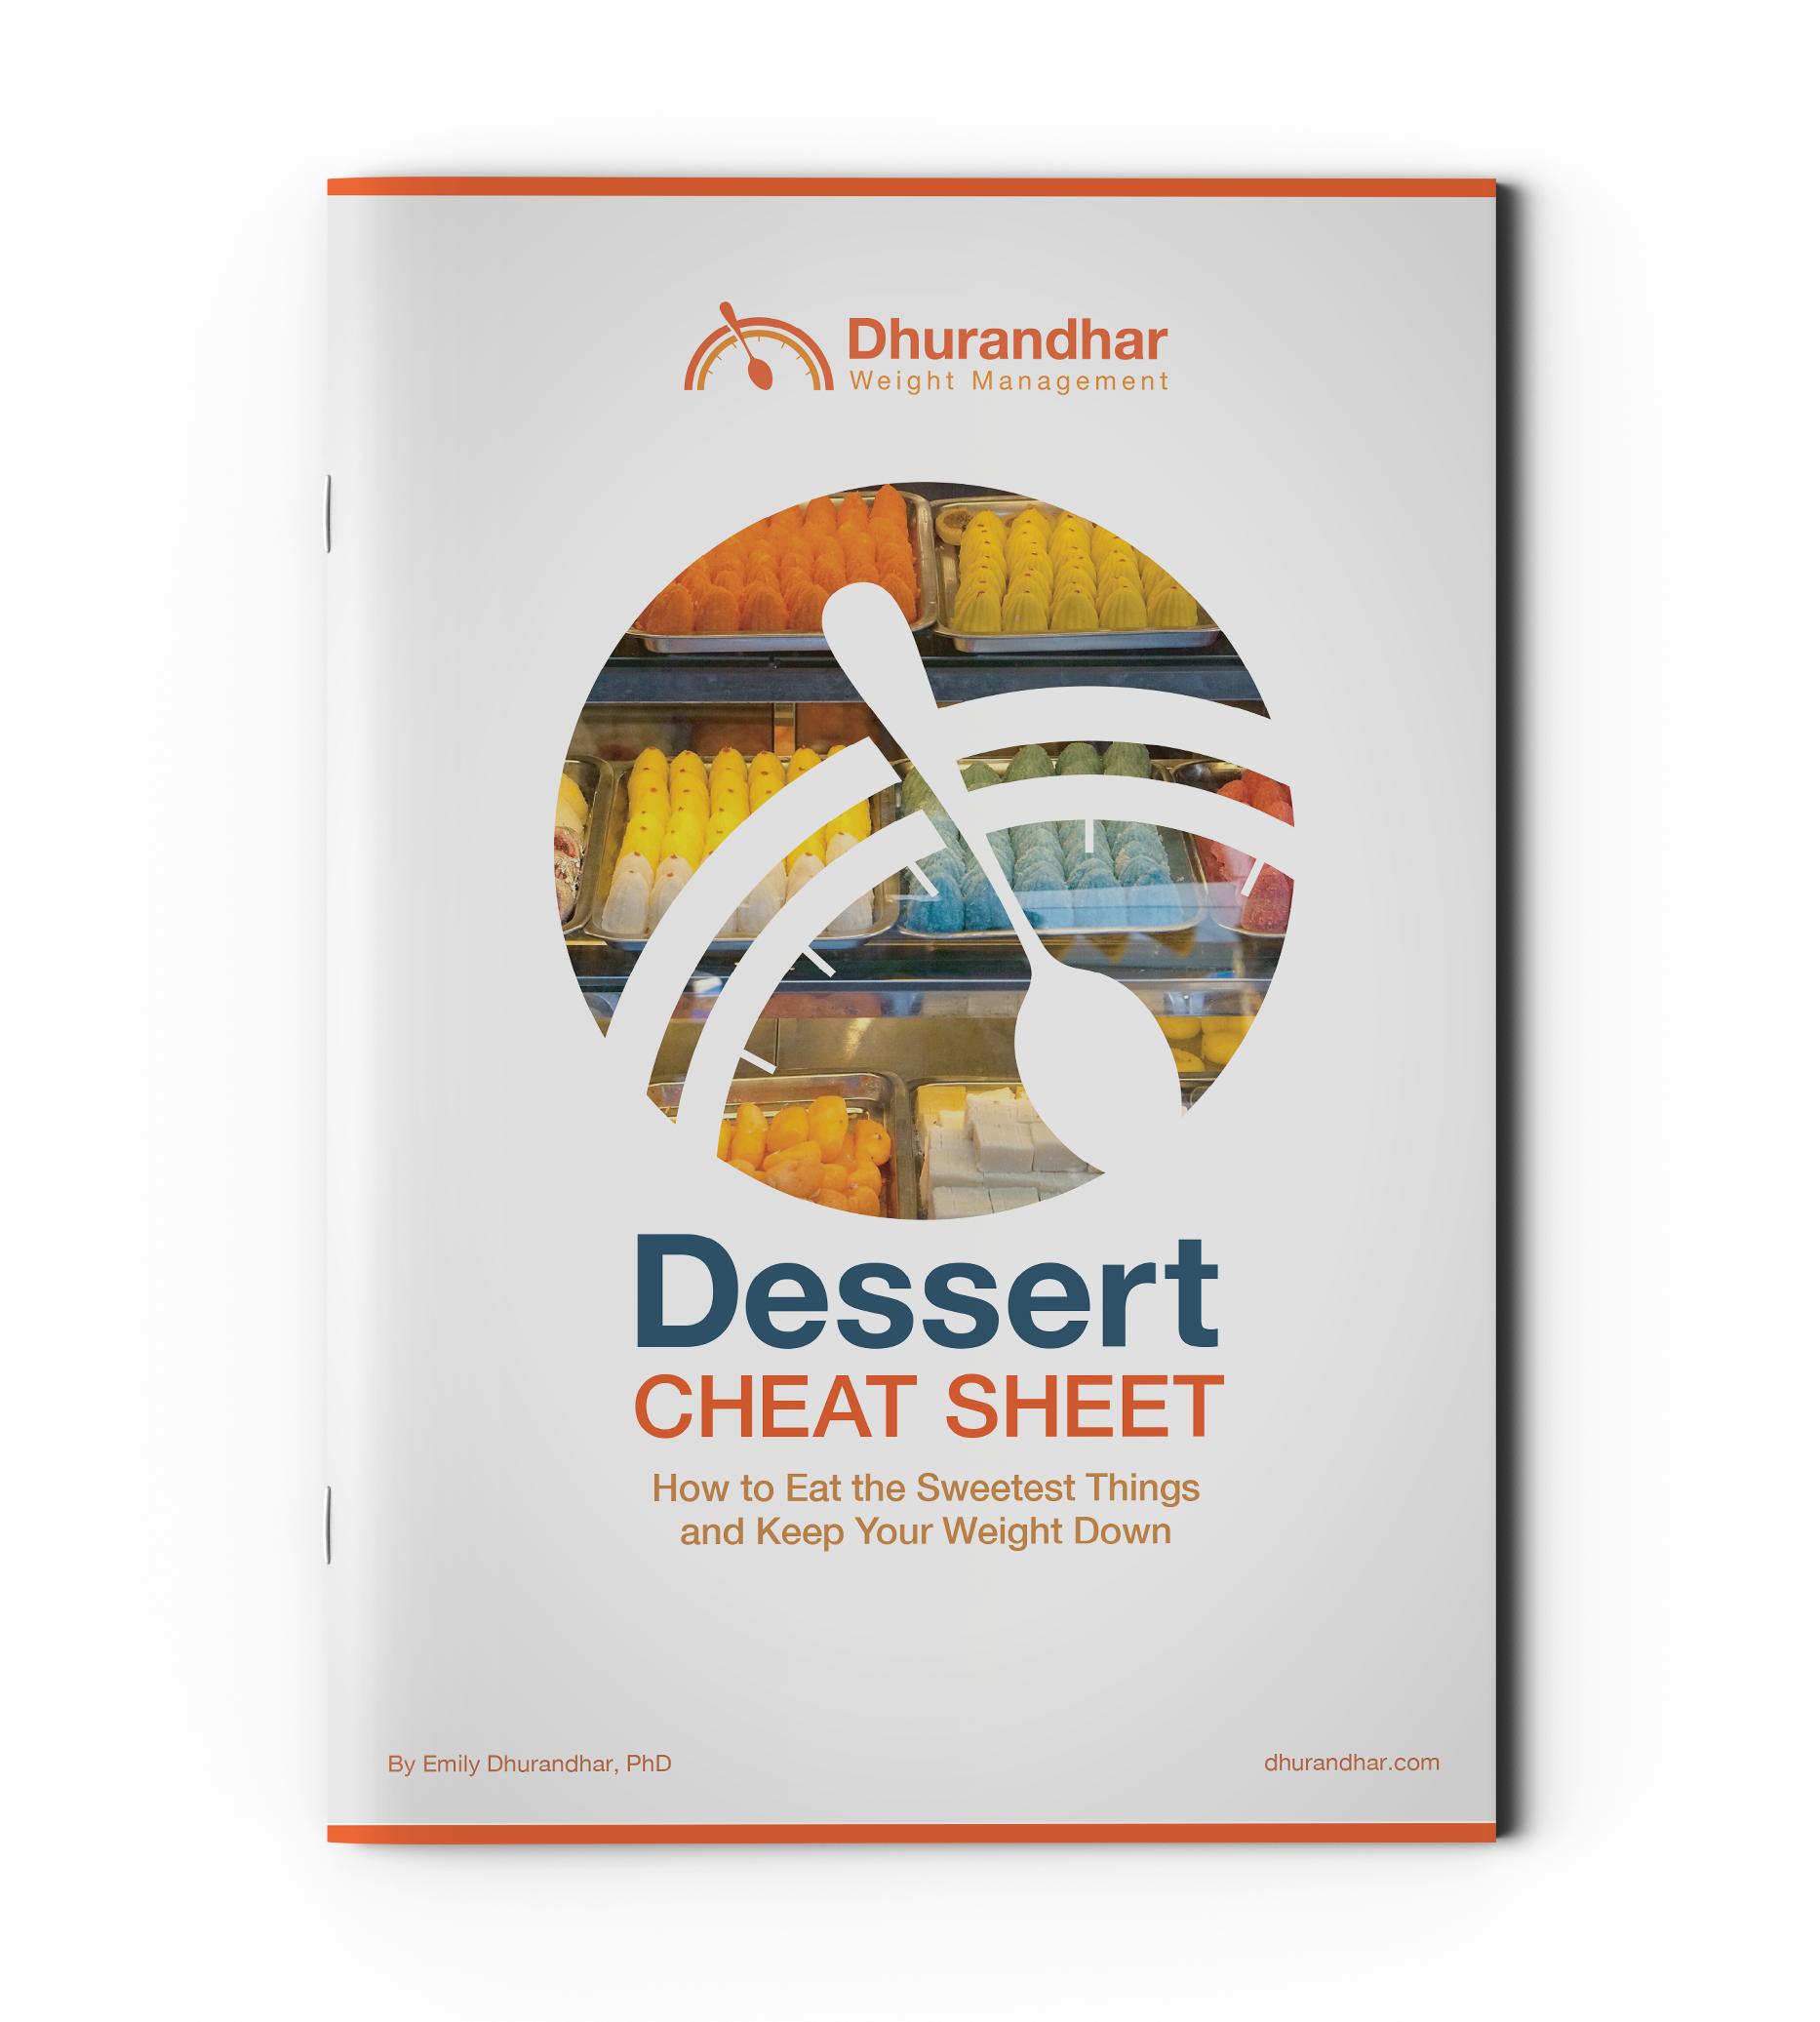 http://dessert-cheat-sheet.local/wp-content/uploads/2021/08/DWM Dessert Cheat Sheet Download